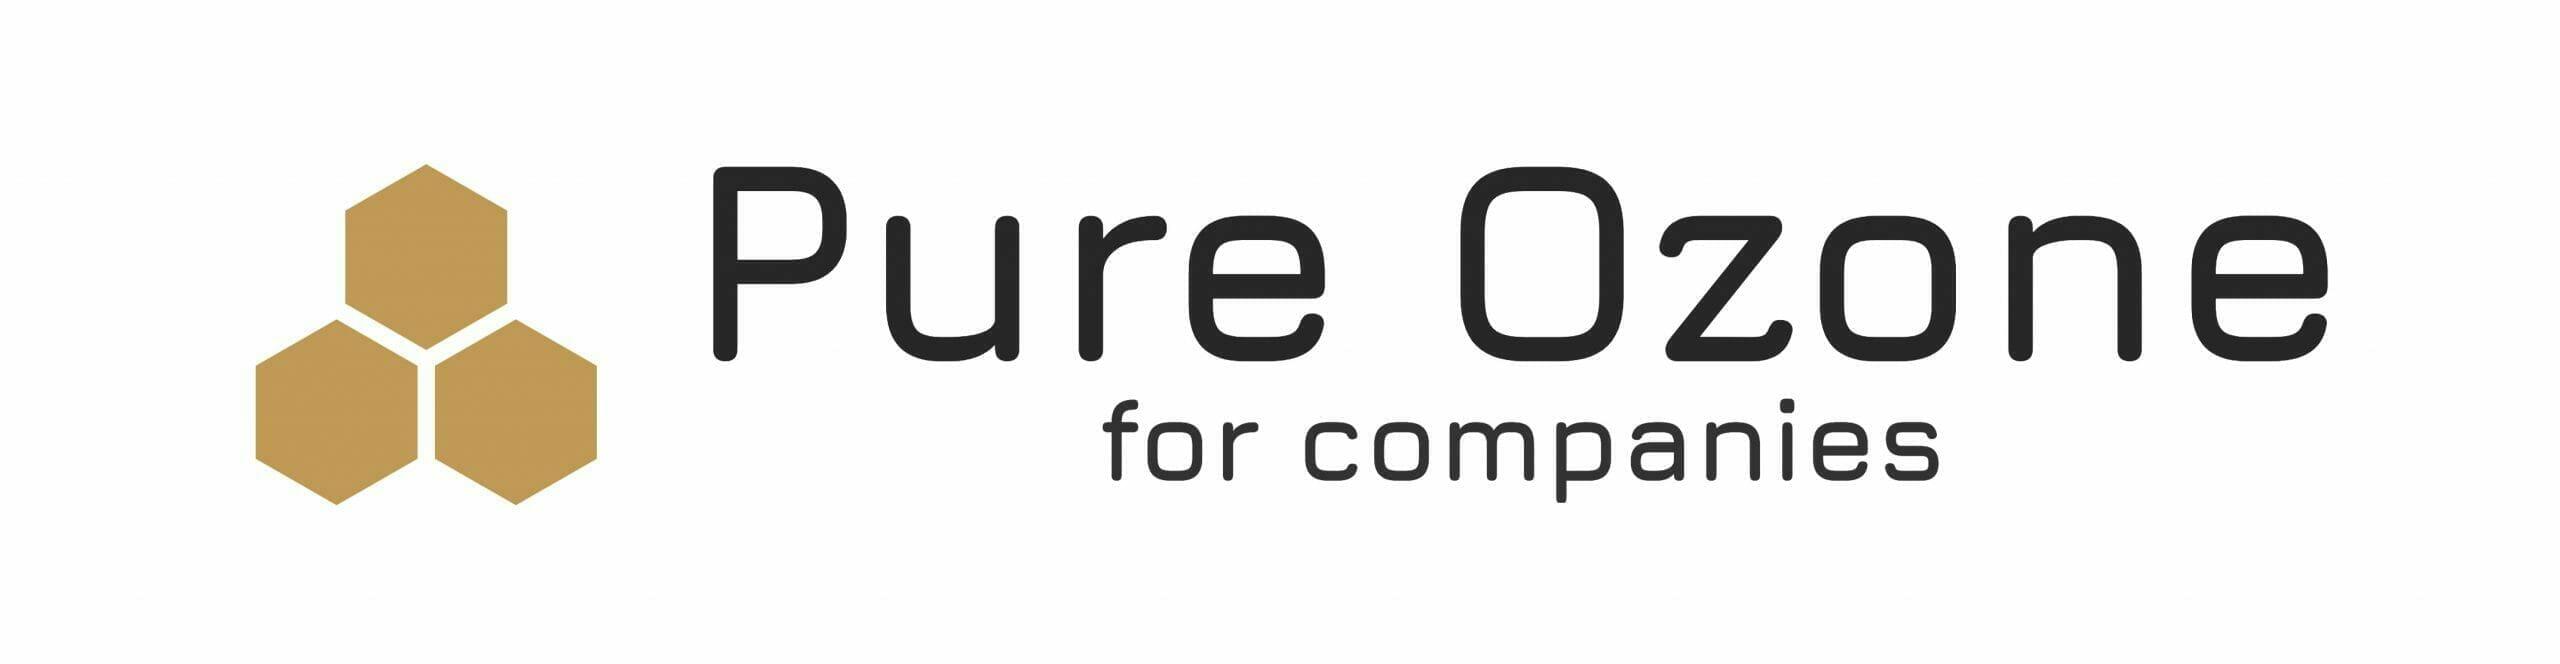 Pure Ozone